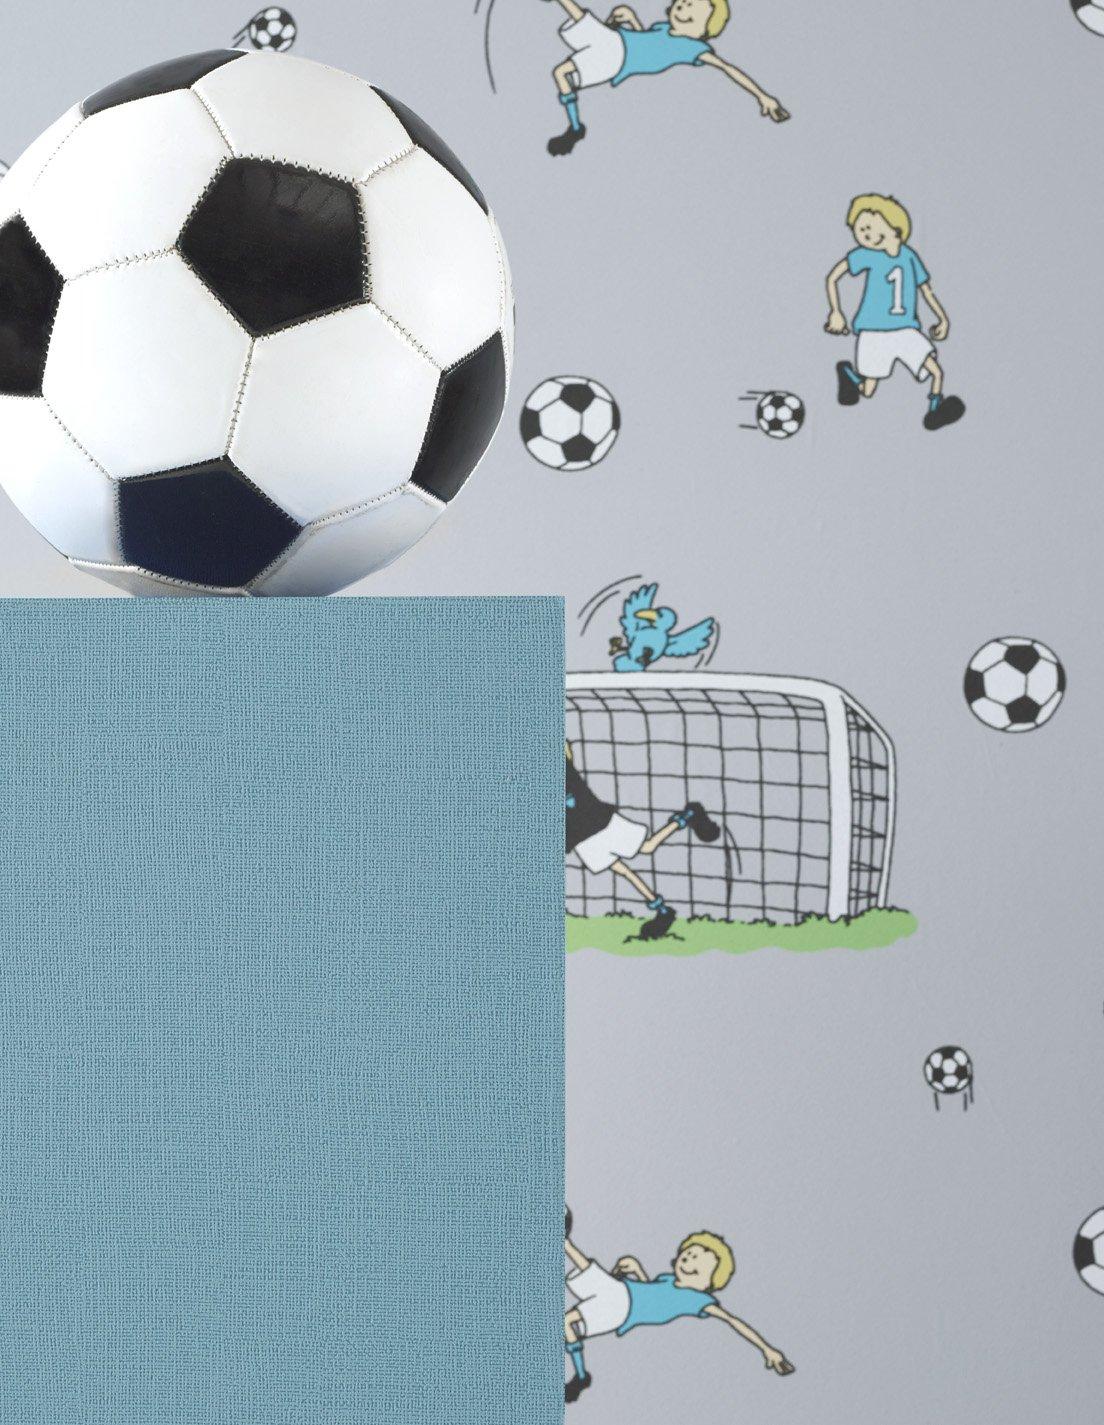 Schön Vlies Tapete Fußball Kinder Jungen Zimmer Fussball Tapete Grau Türkis Grün:  Amazon.de: Baumarkt